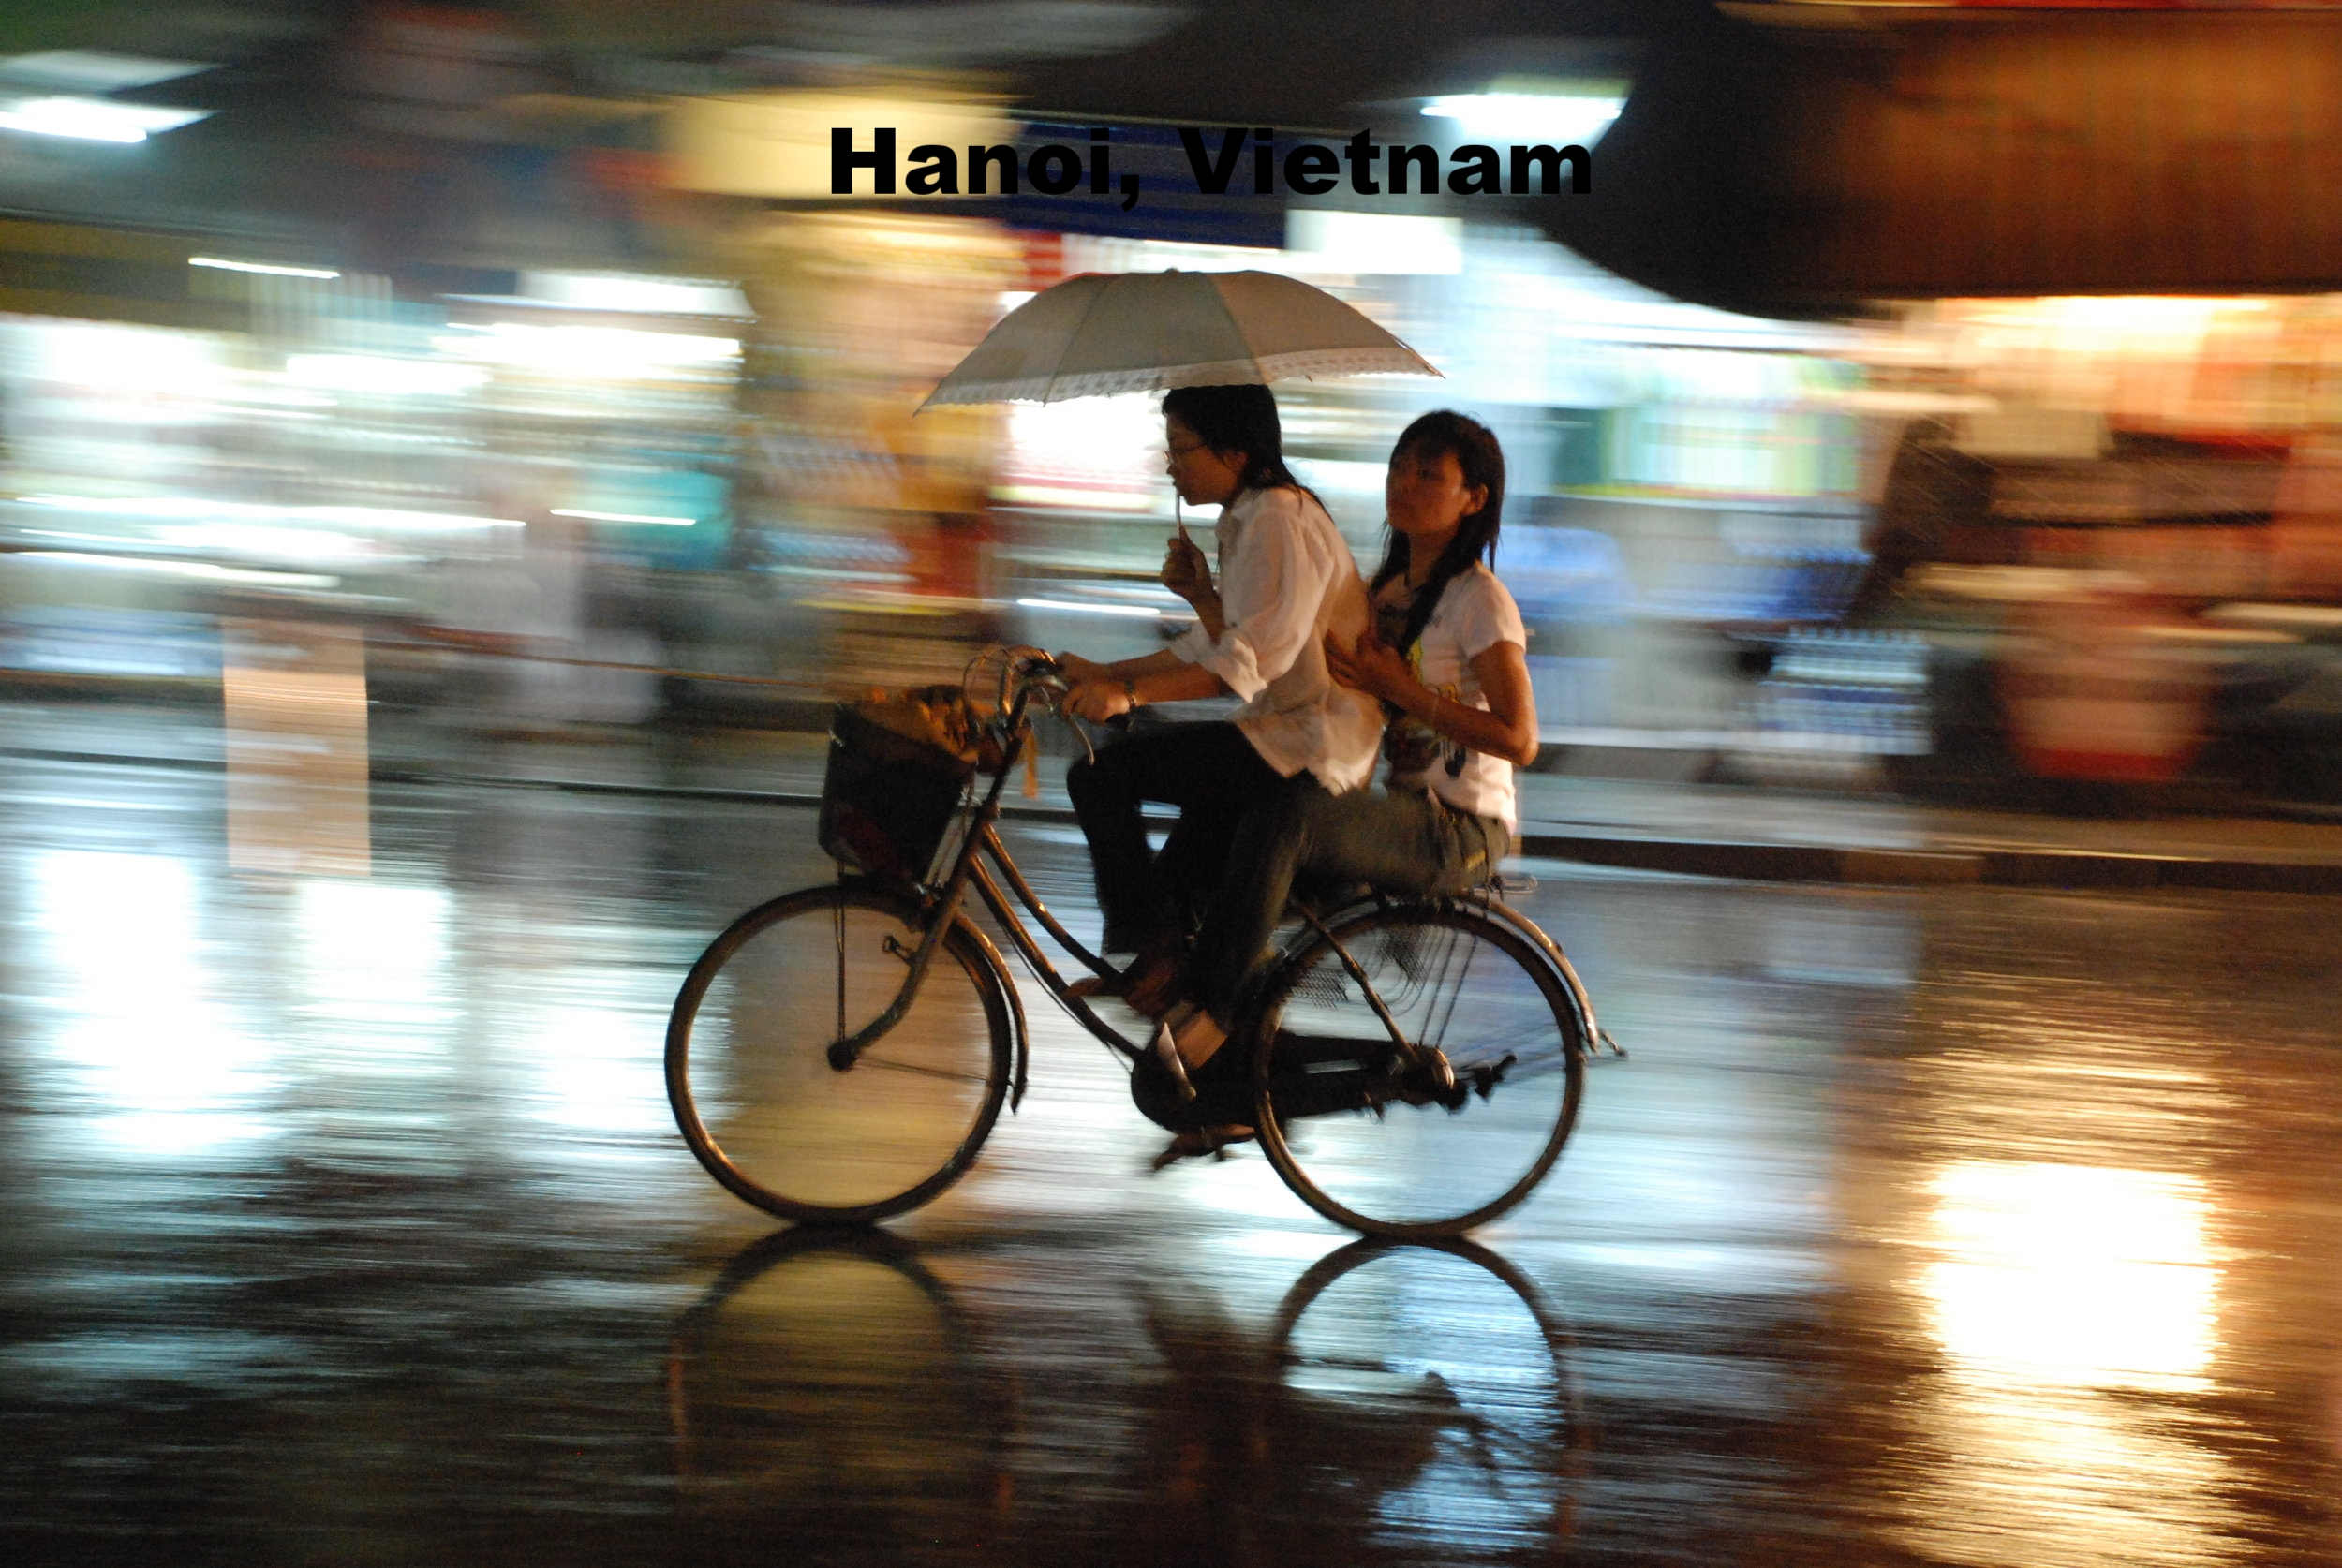 Hanoi_rain.JPG